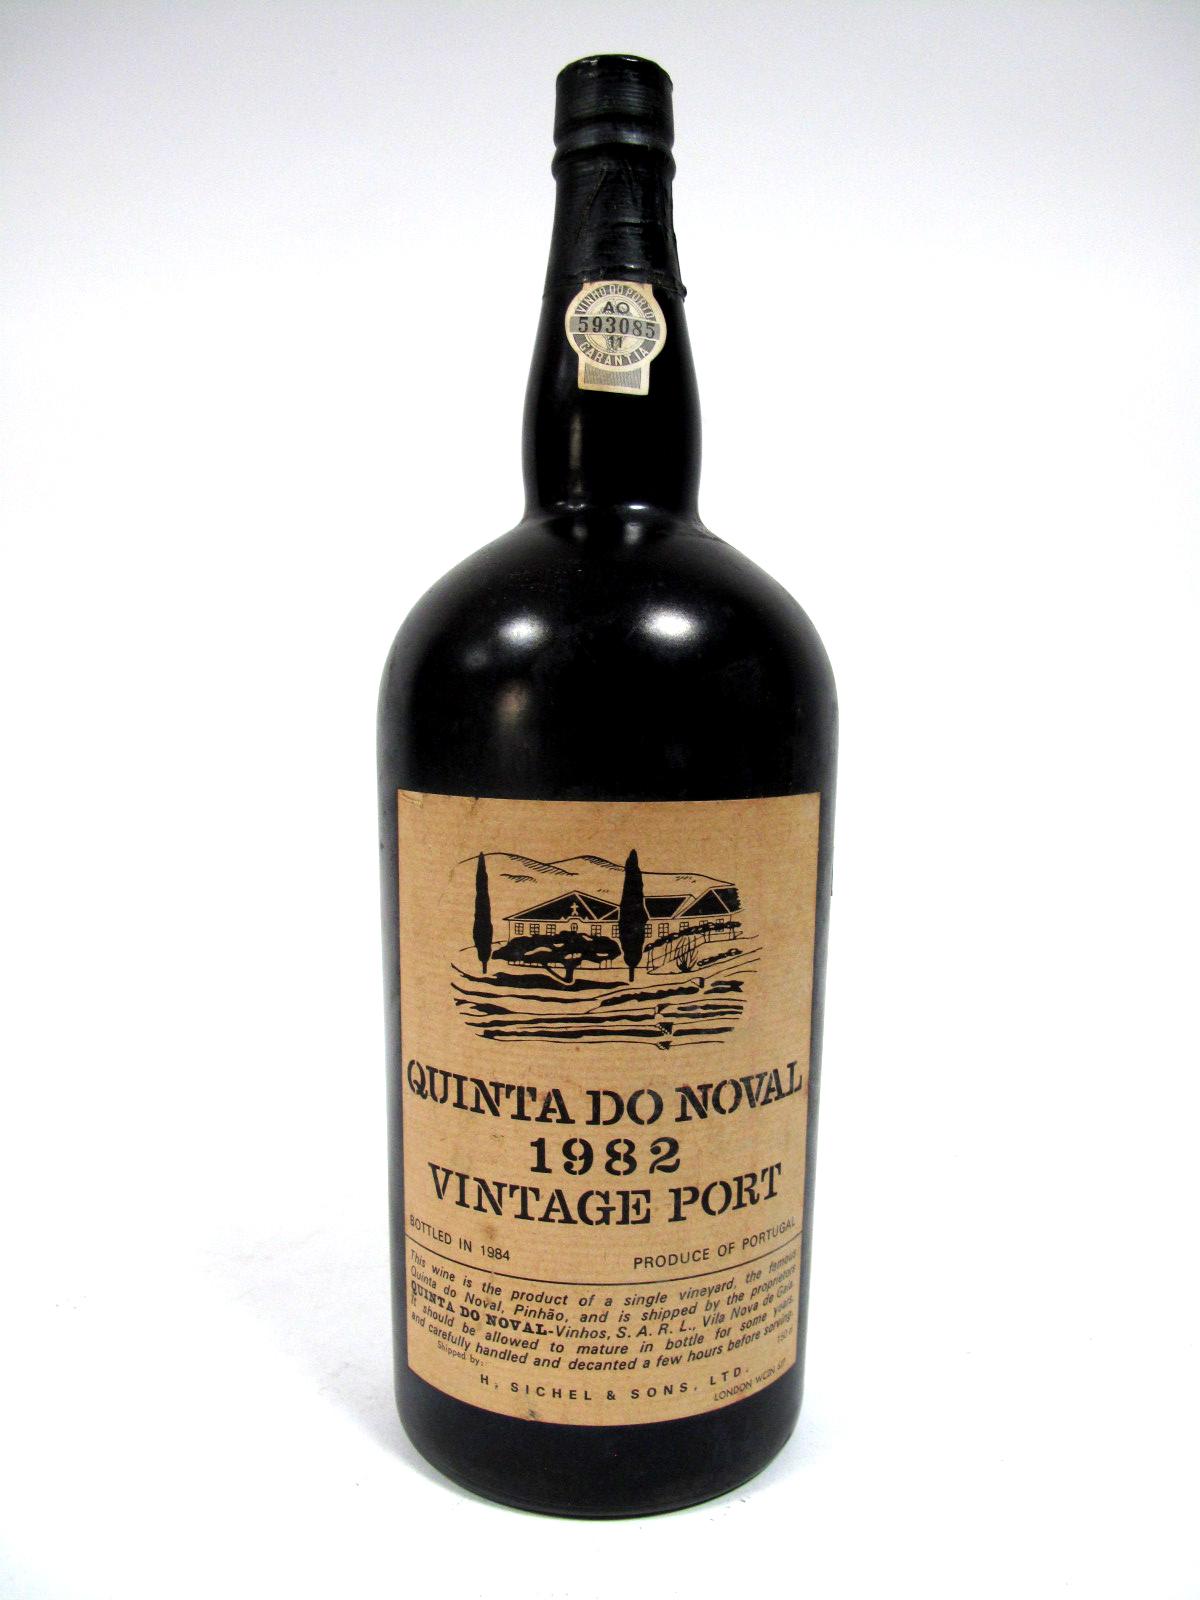 Lot 26 - Port - Quinta Do Voval 1982 Vintage Port, bottled in 1984, number 593085, 150cl.